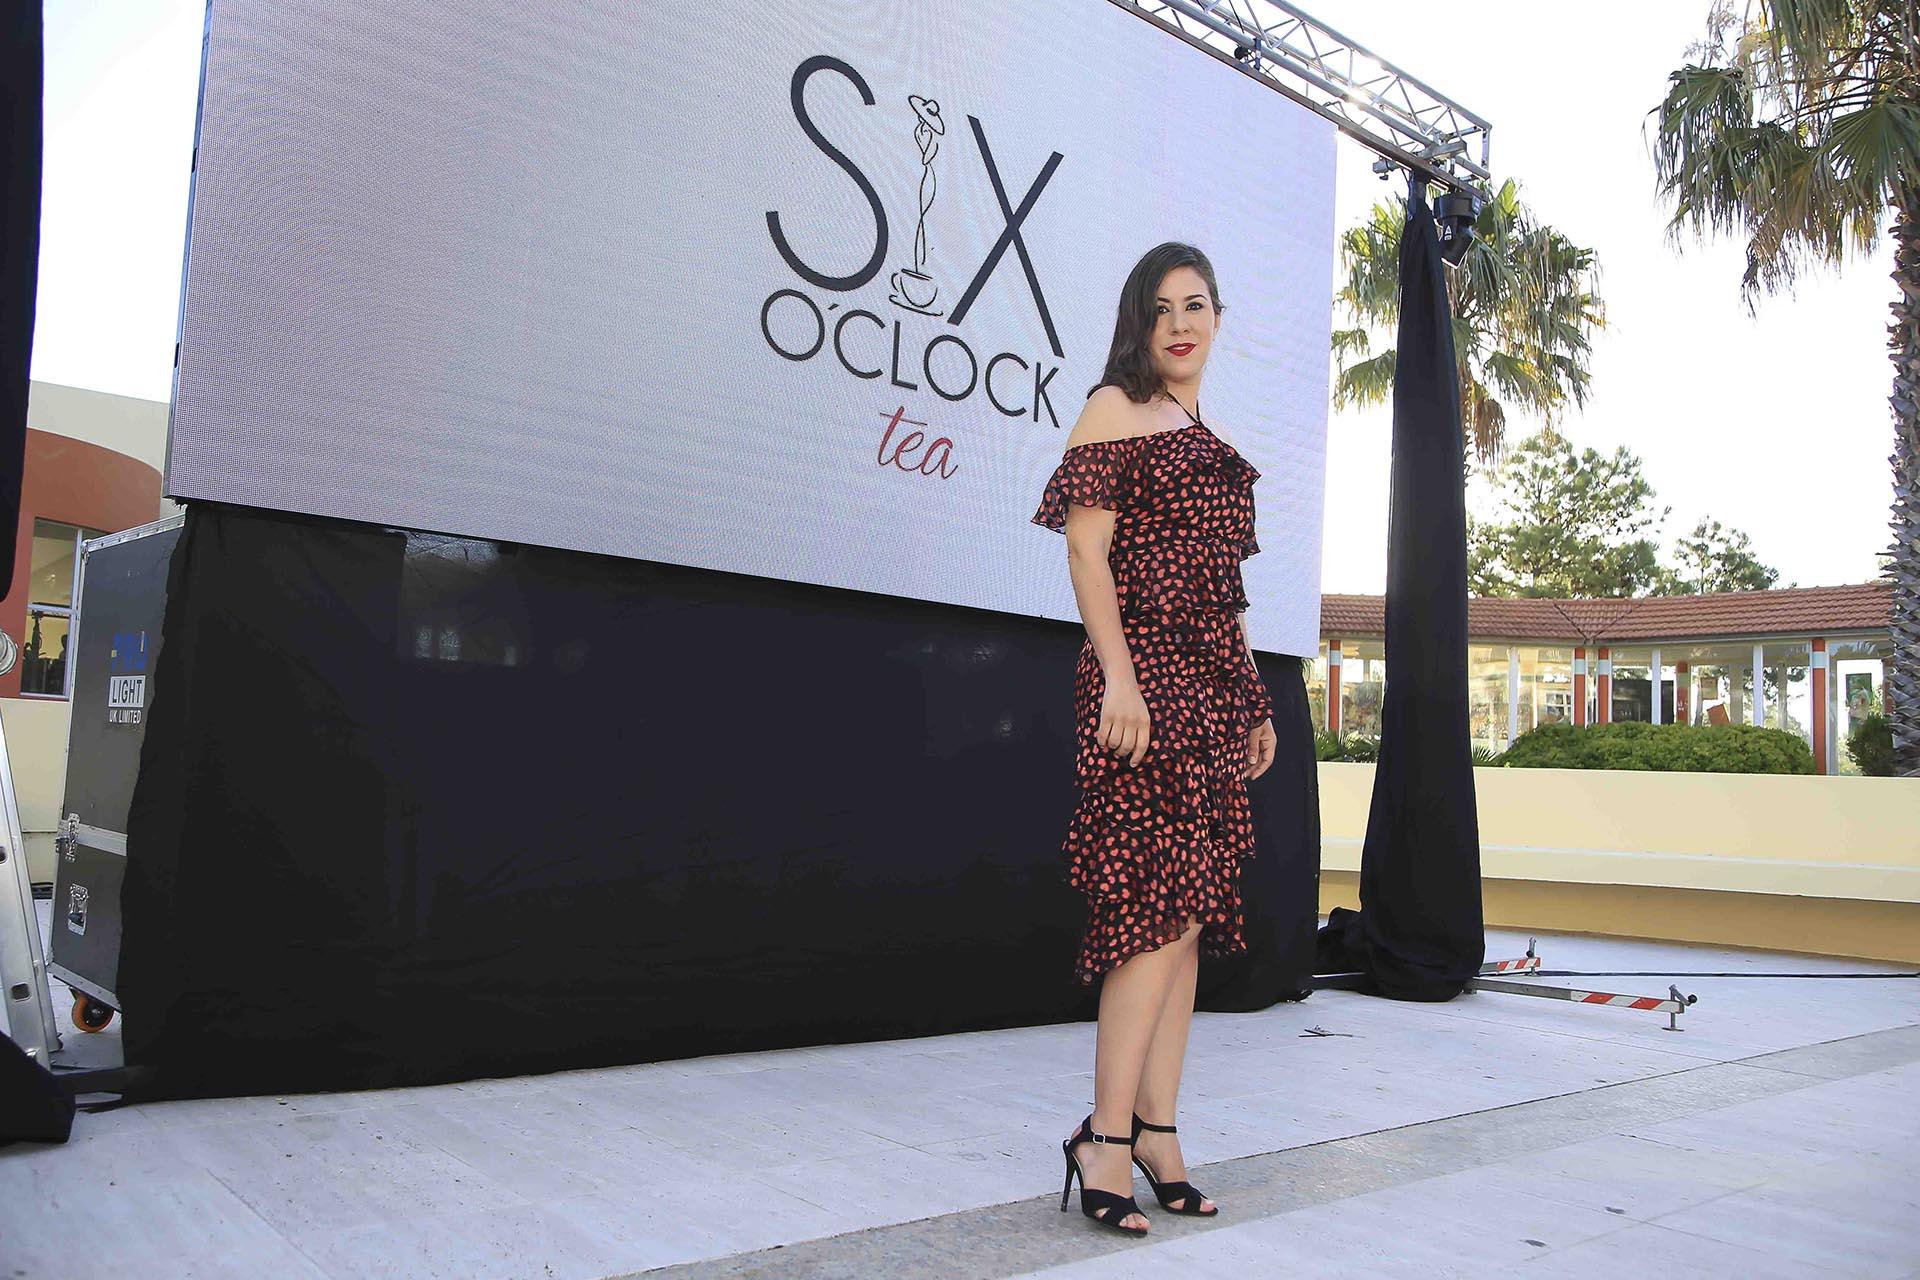 El Six O'Clock Tea, creado por Carminne Dodero, llegó una vez más con una nueva edición de moda a Punta del Este